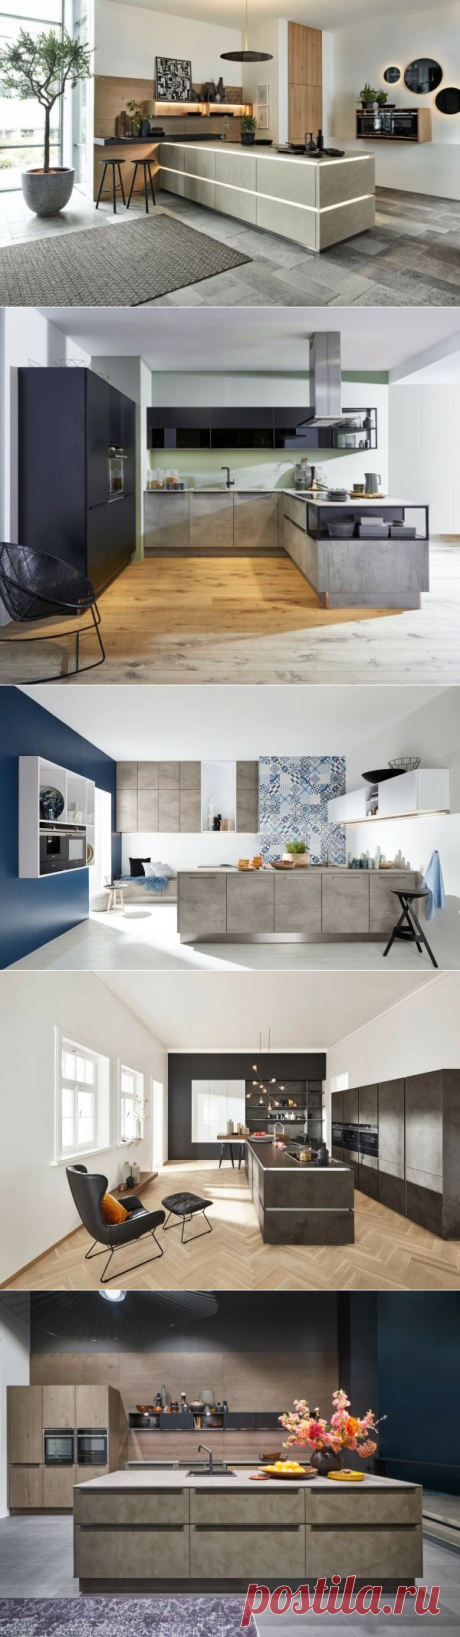 Мебель из бетона – модный тренд для кухонных интерьеров | Nolte Küchen | Яндекс Дзен